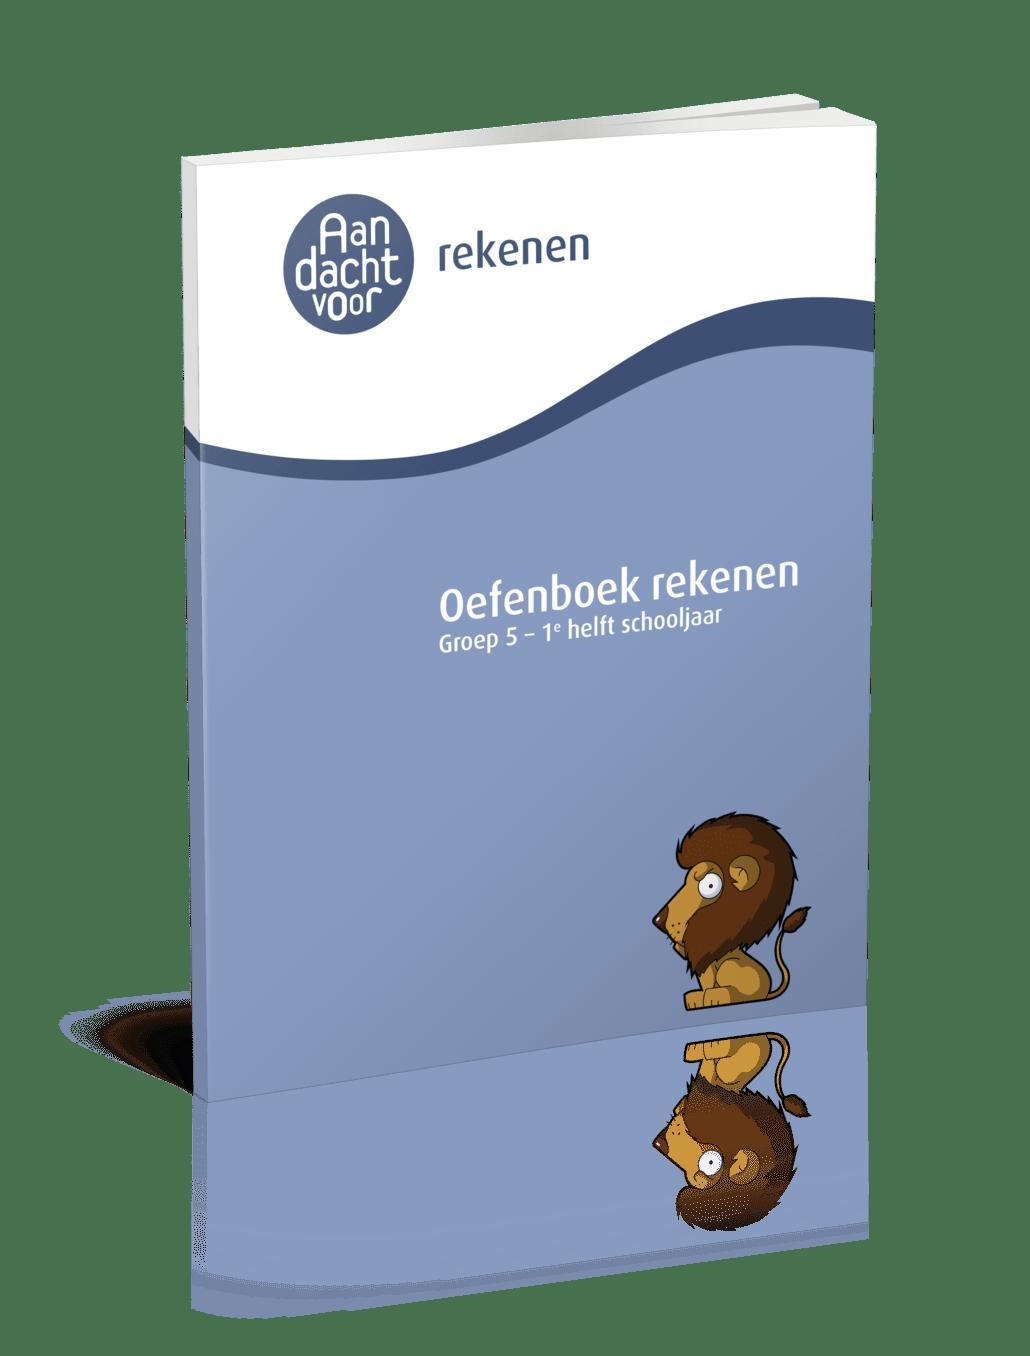 Oefenboek Rekenen Groep 5 - 1e helft schooljaar